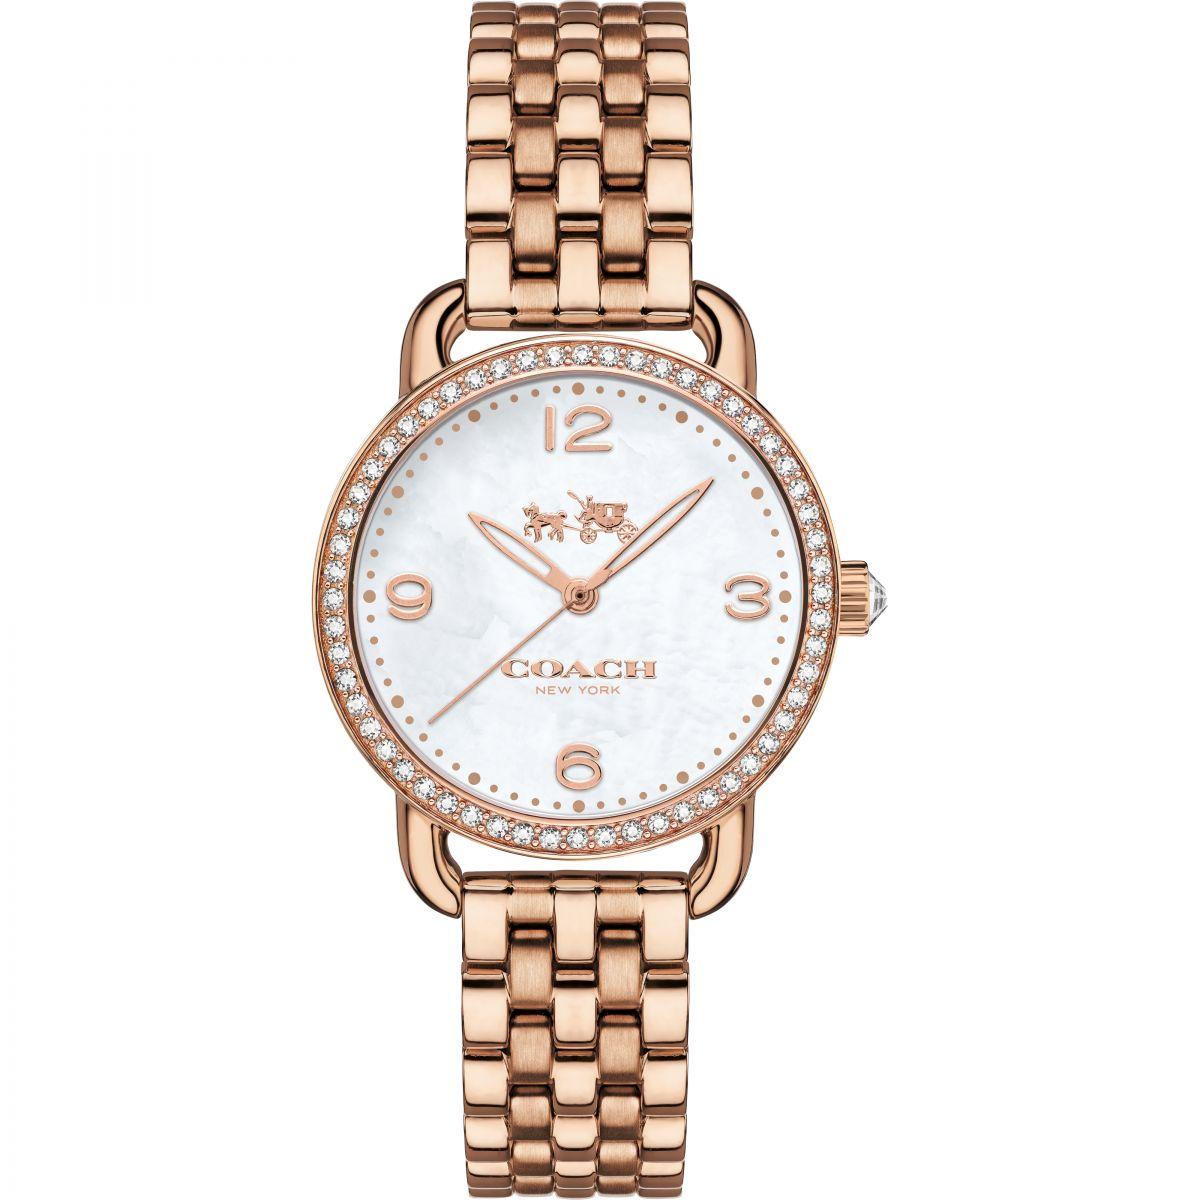 Reloj coach mujer rosa